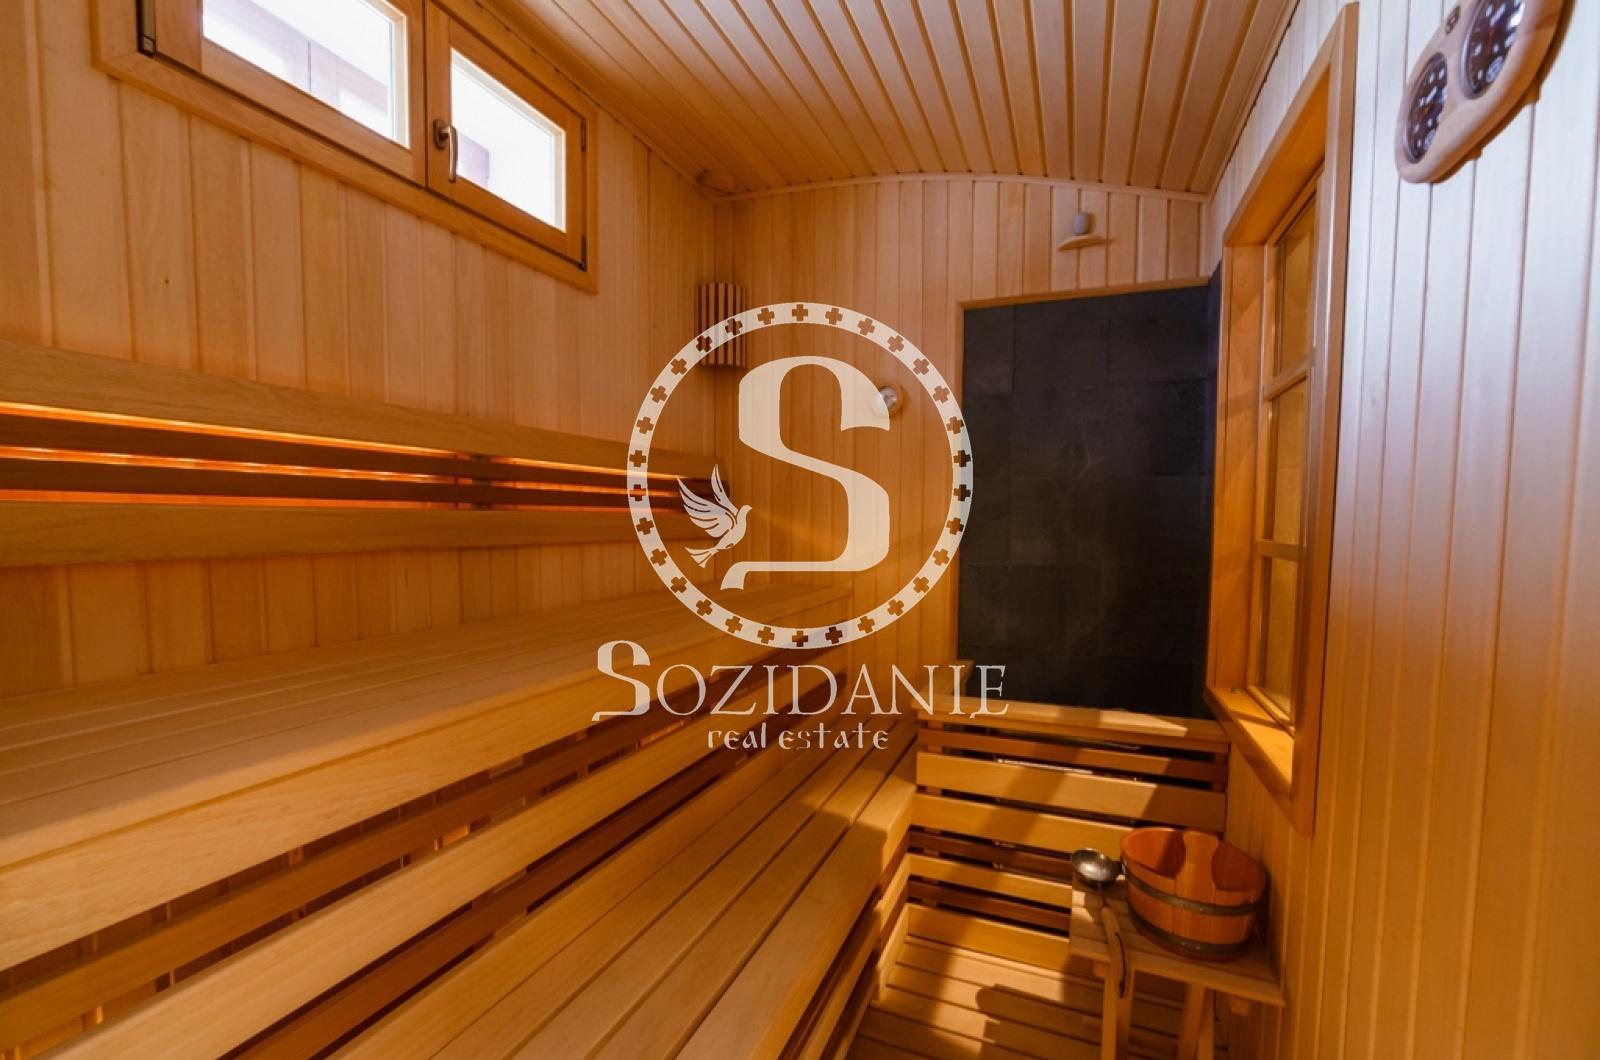 4 Bedrooms, Загородная, Продажа, Listing ID 1065, Московская область, Россия,